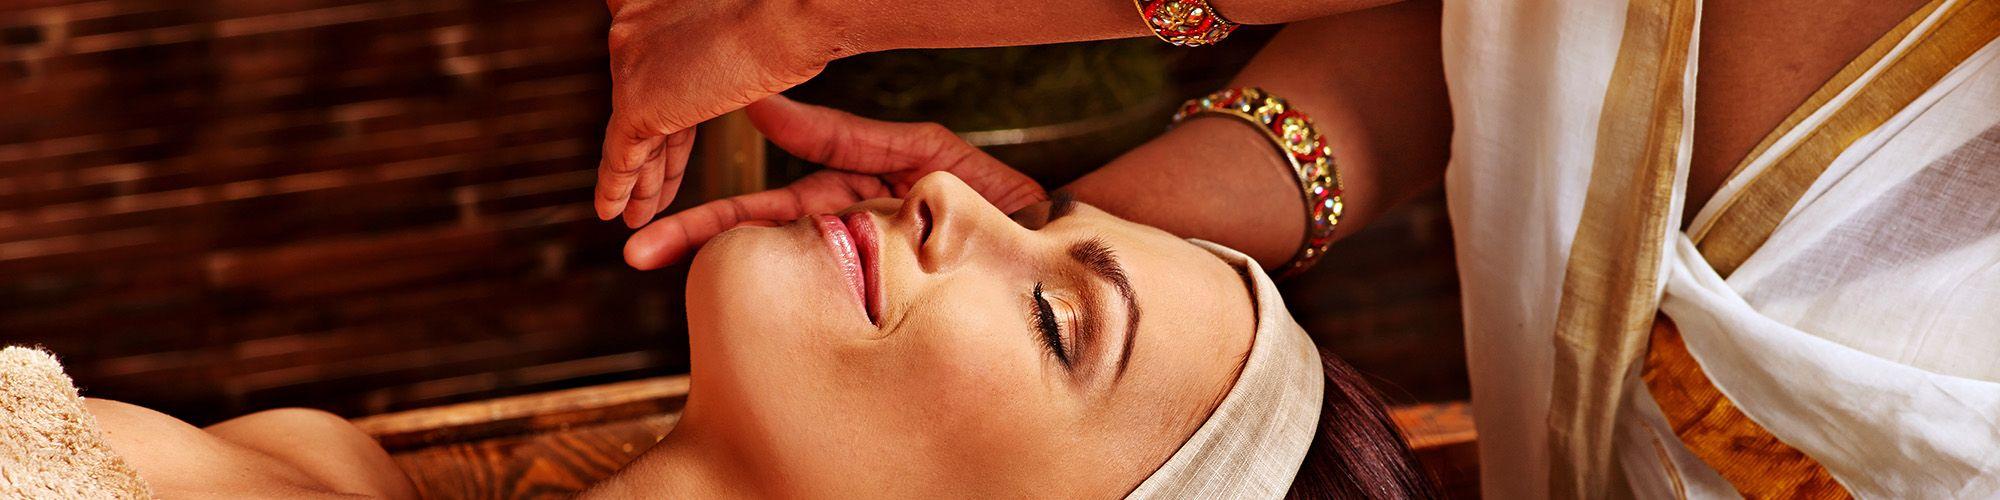 Séjour bien-être et découverte spirituelle au Sri Lanka